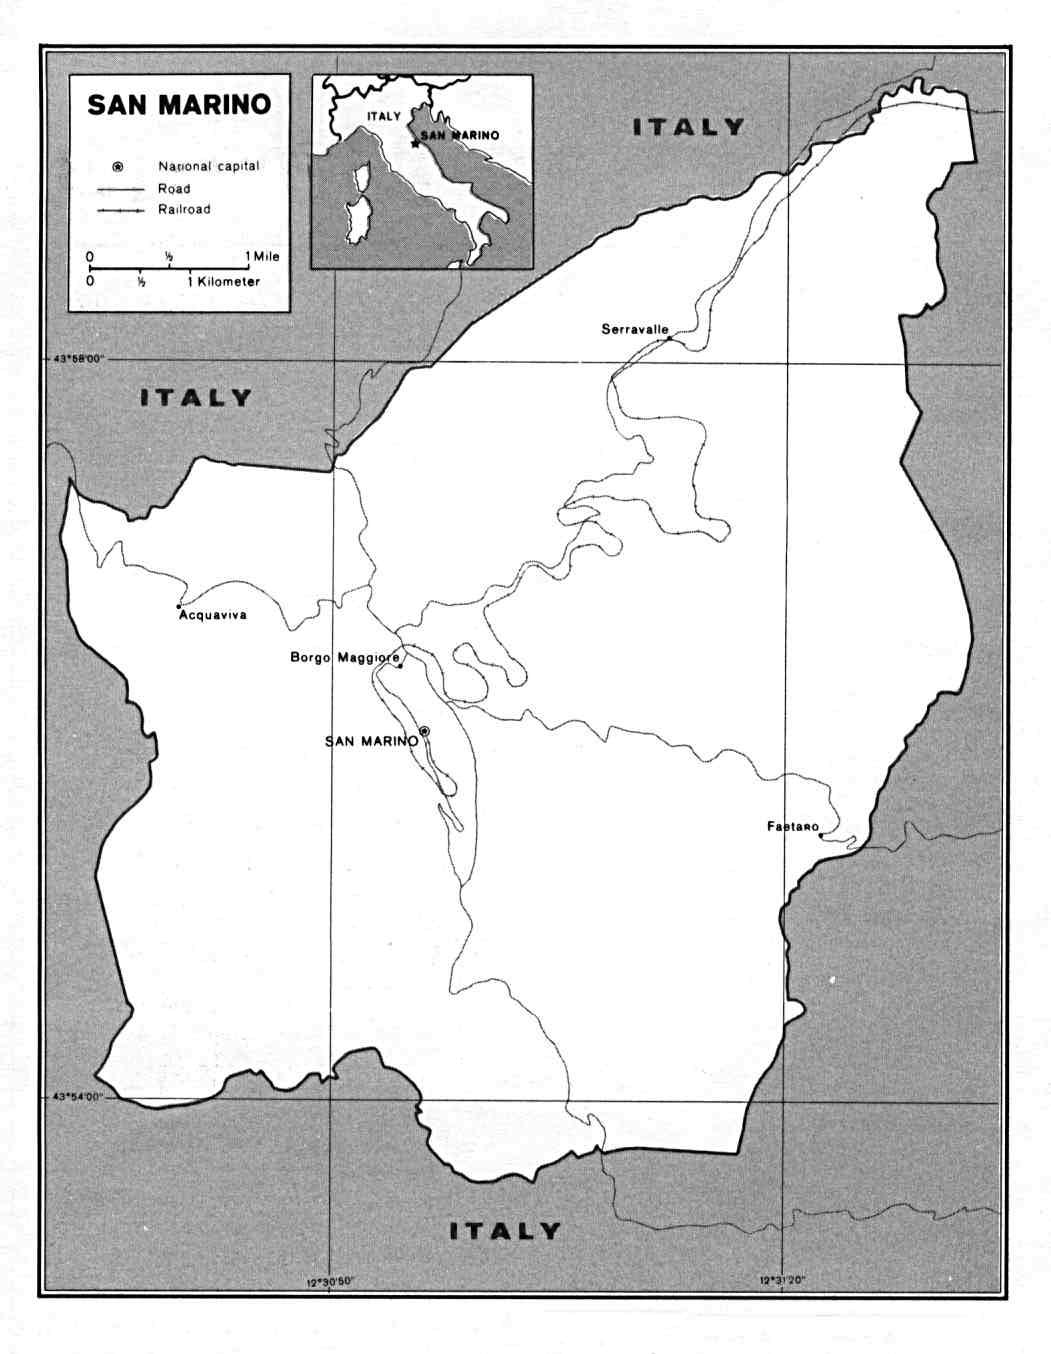 Free Europe Maps - San marino map download